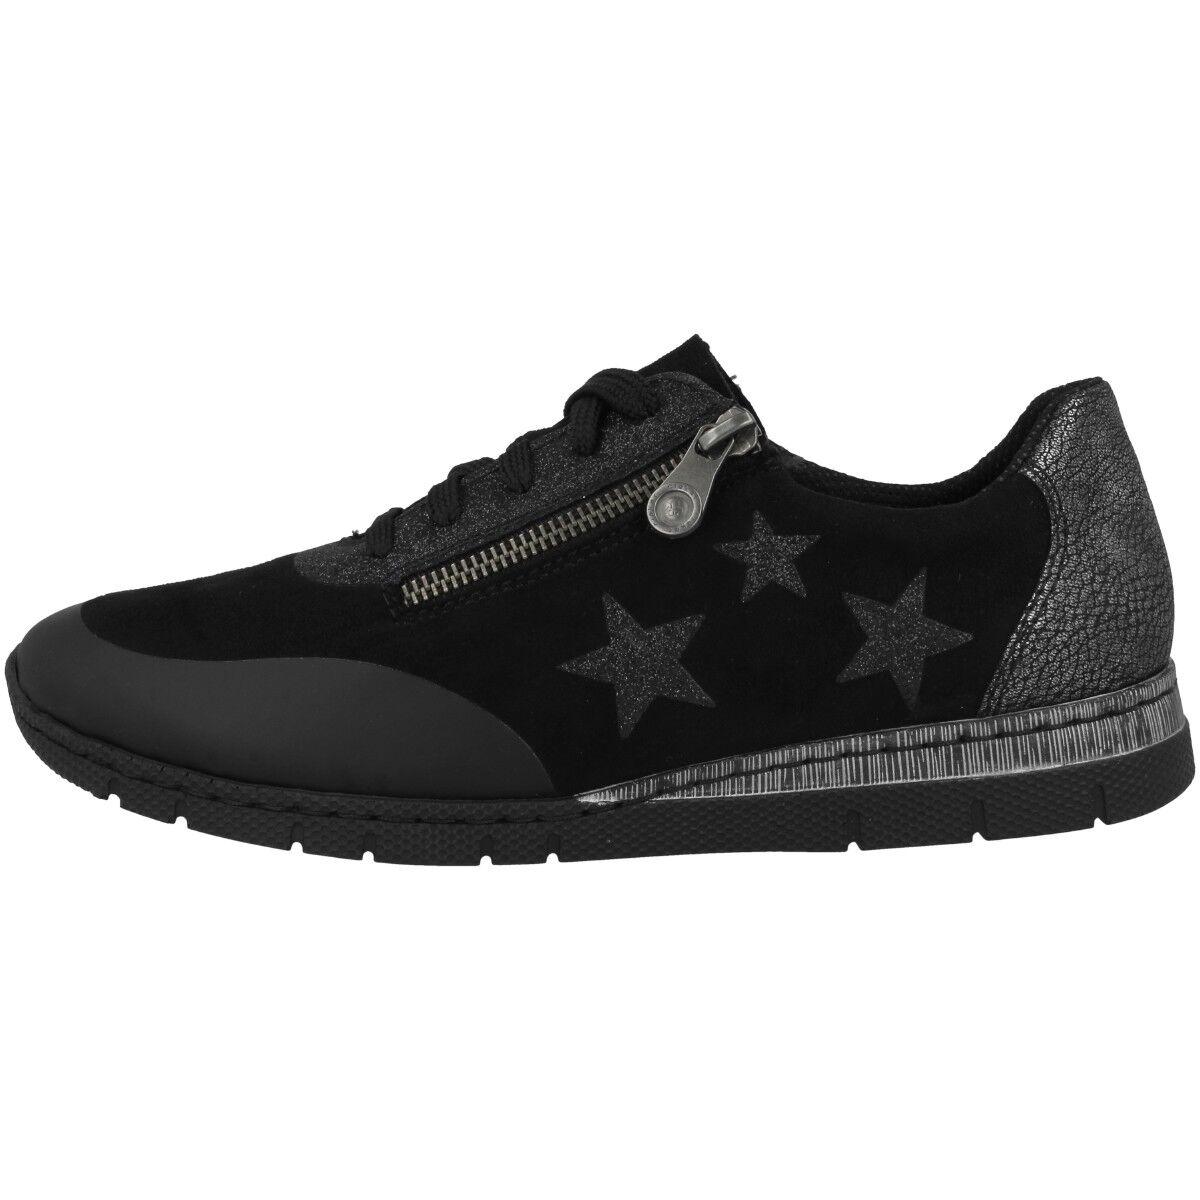 Rieker foil-microstretch-glitterfoil da scarpe donna ANTI-STRESS Scarpe da foil-microstretch-glitterfoil Ginnastica n5322-02 bb469f